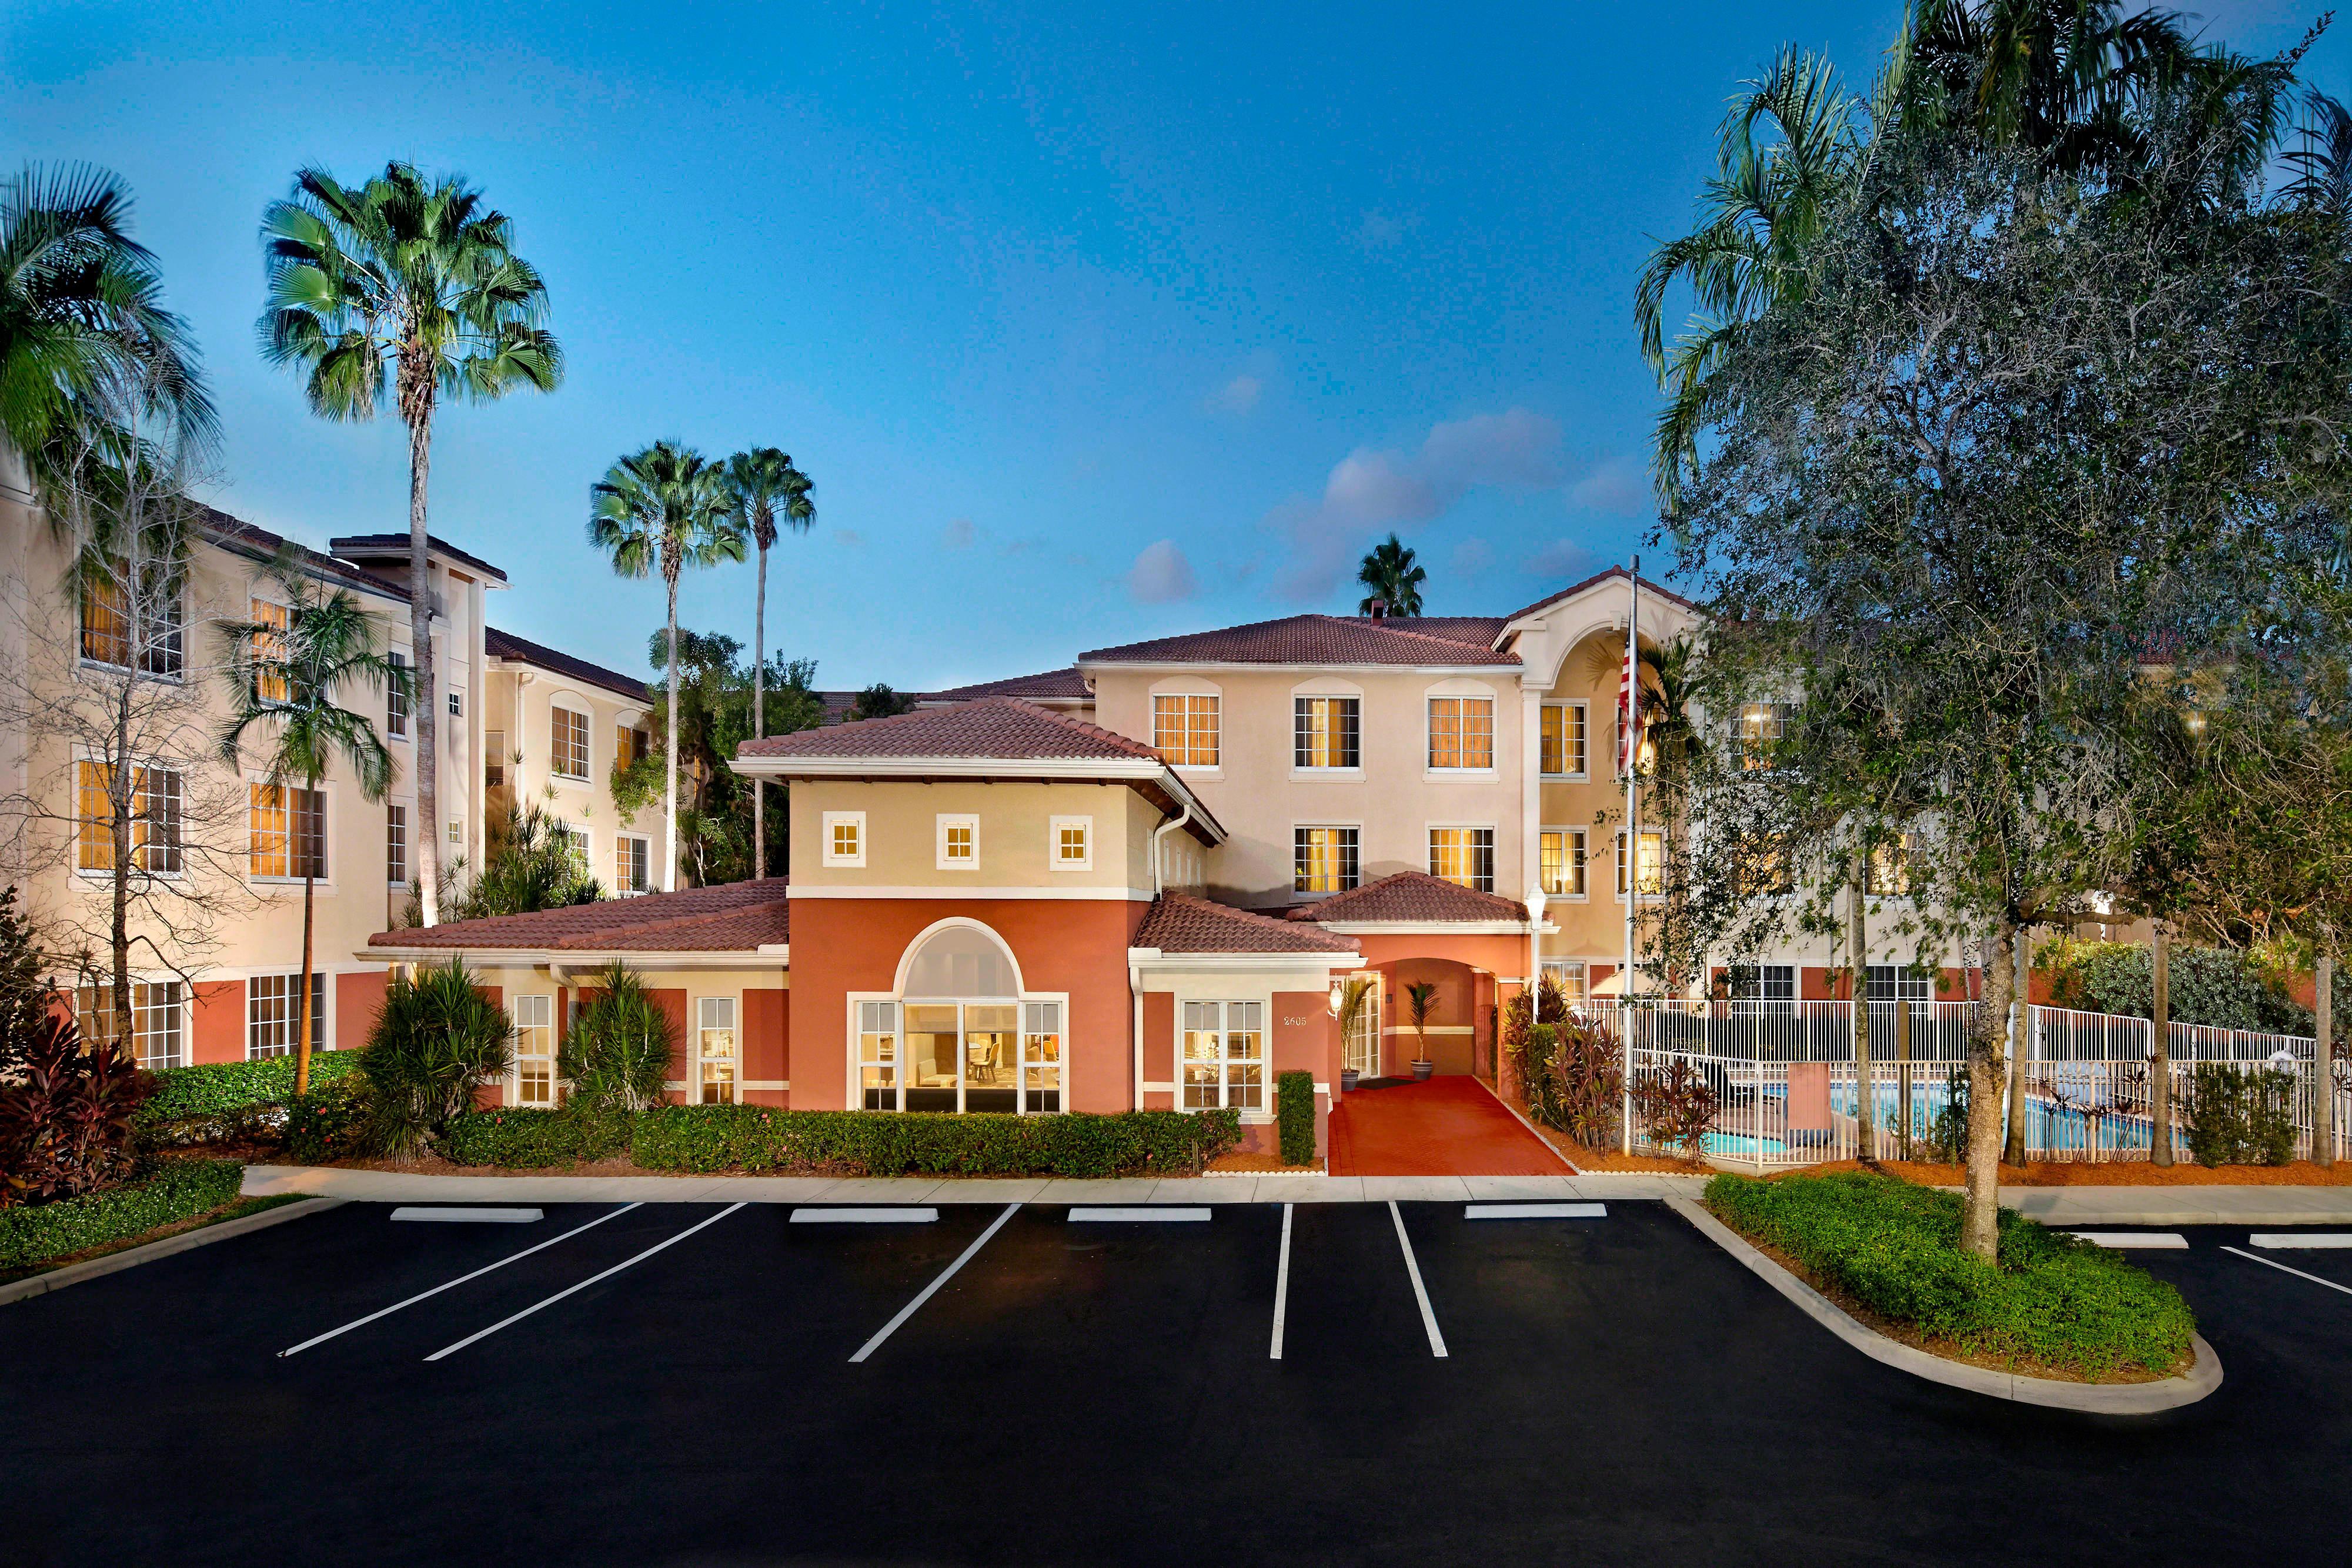 Residence Inn Weston Marriott